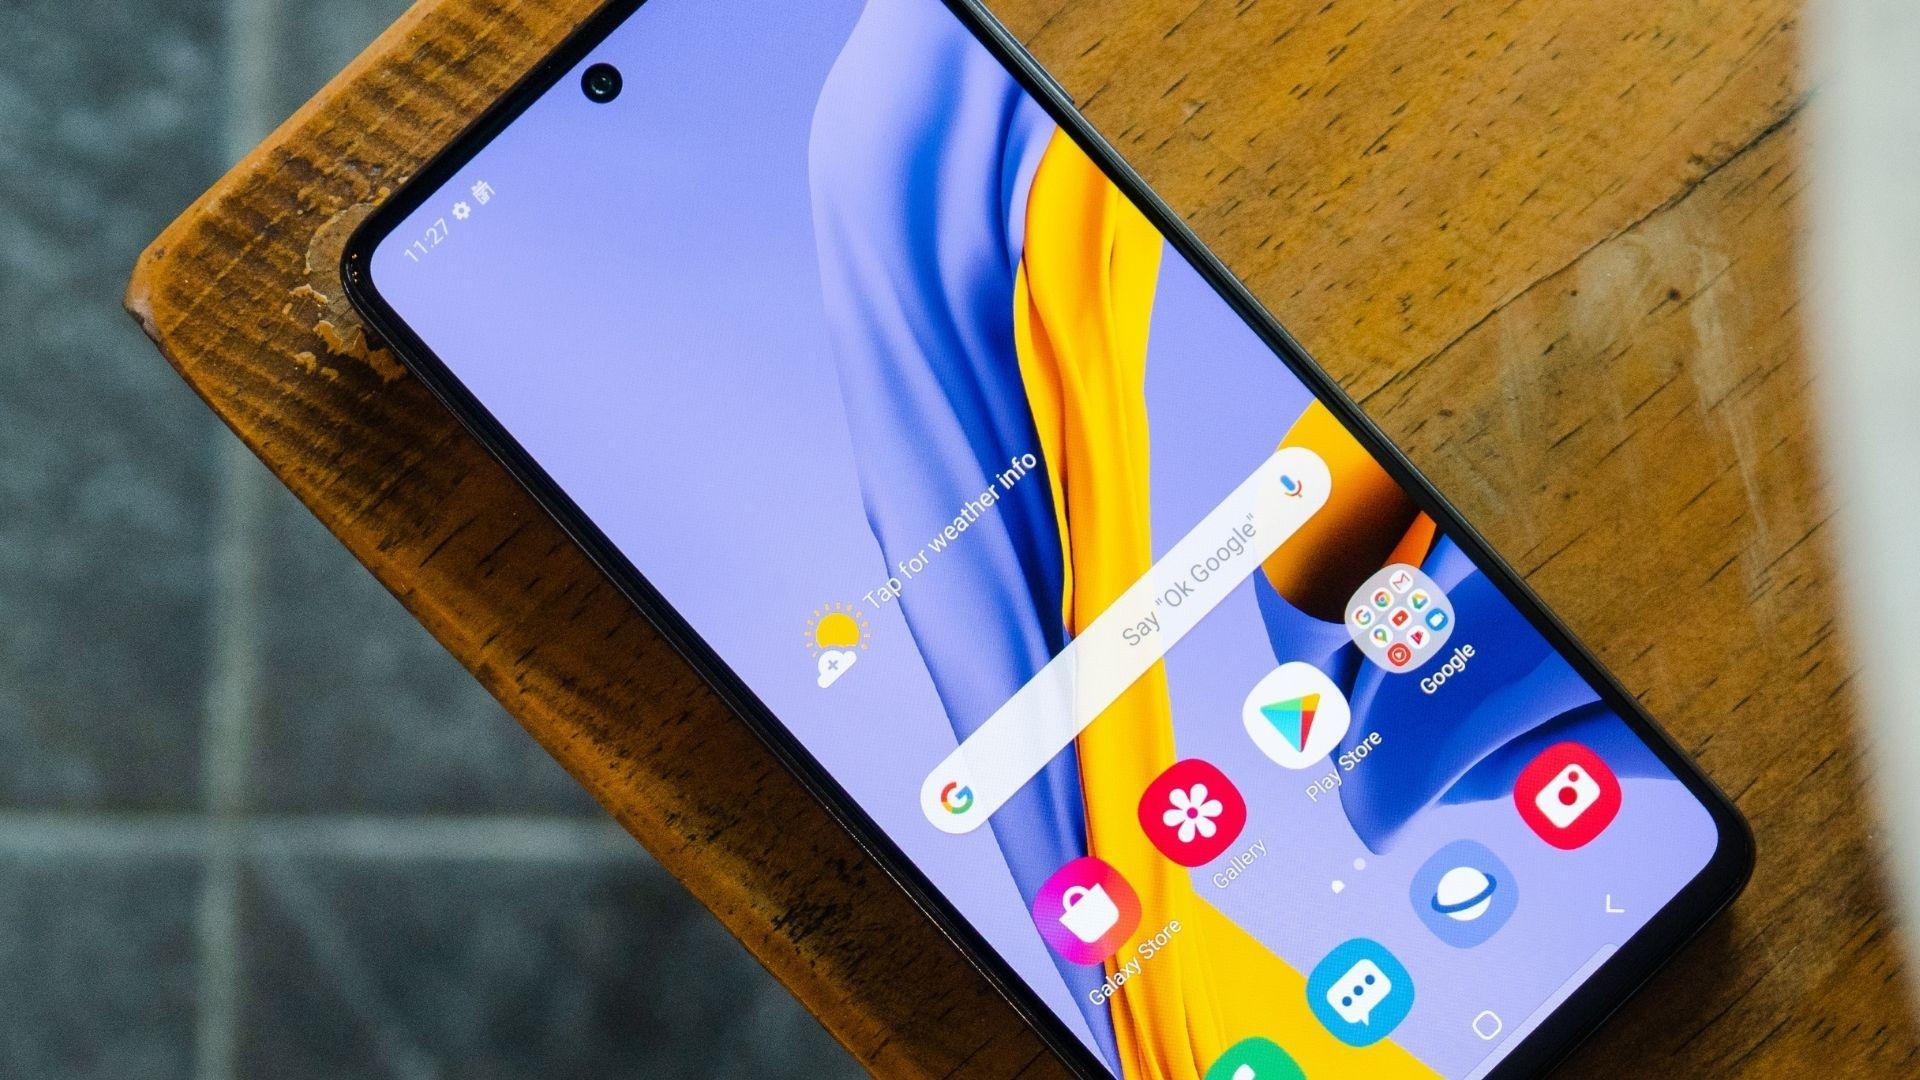 O Samsung Galaxy M51 tem incríveis 7.000 mAh de bateria (Foto: Lukmanazis / Shutterstock.com)